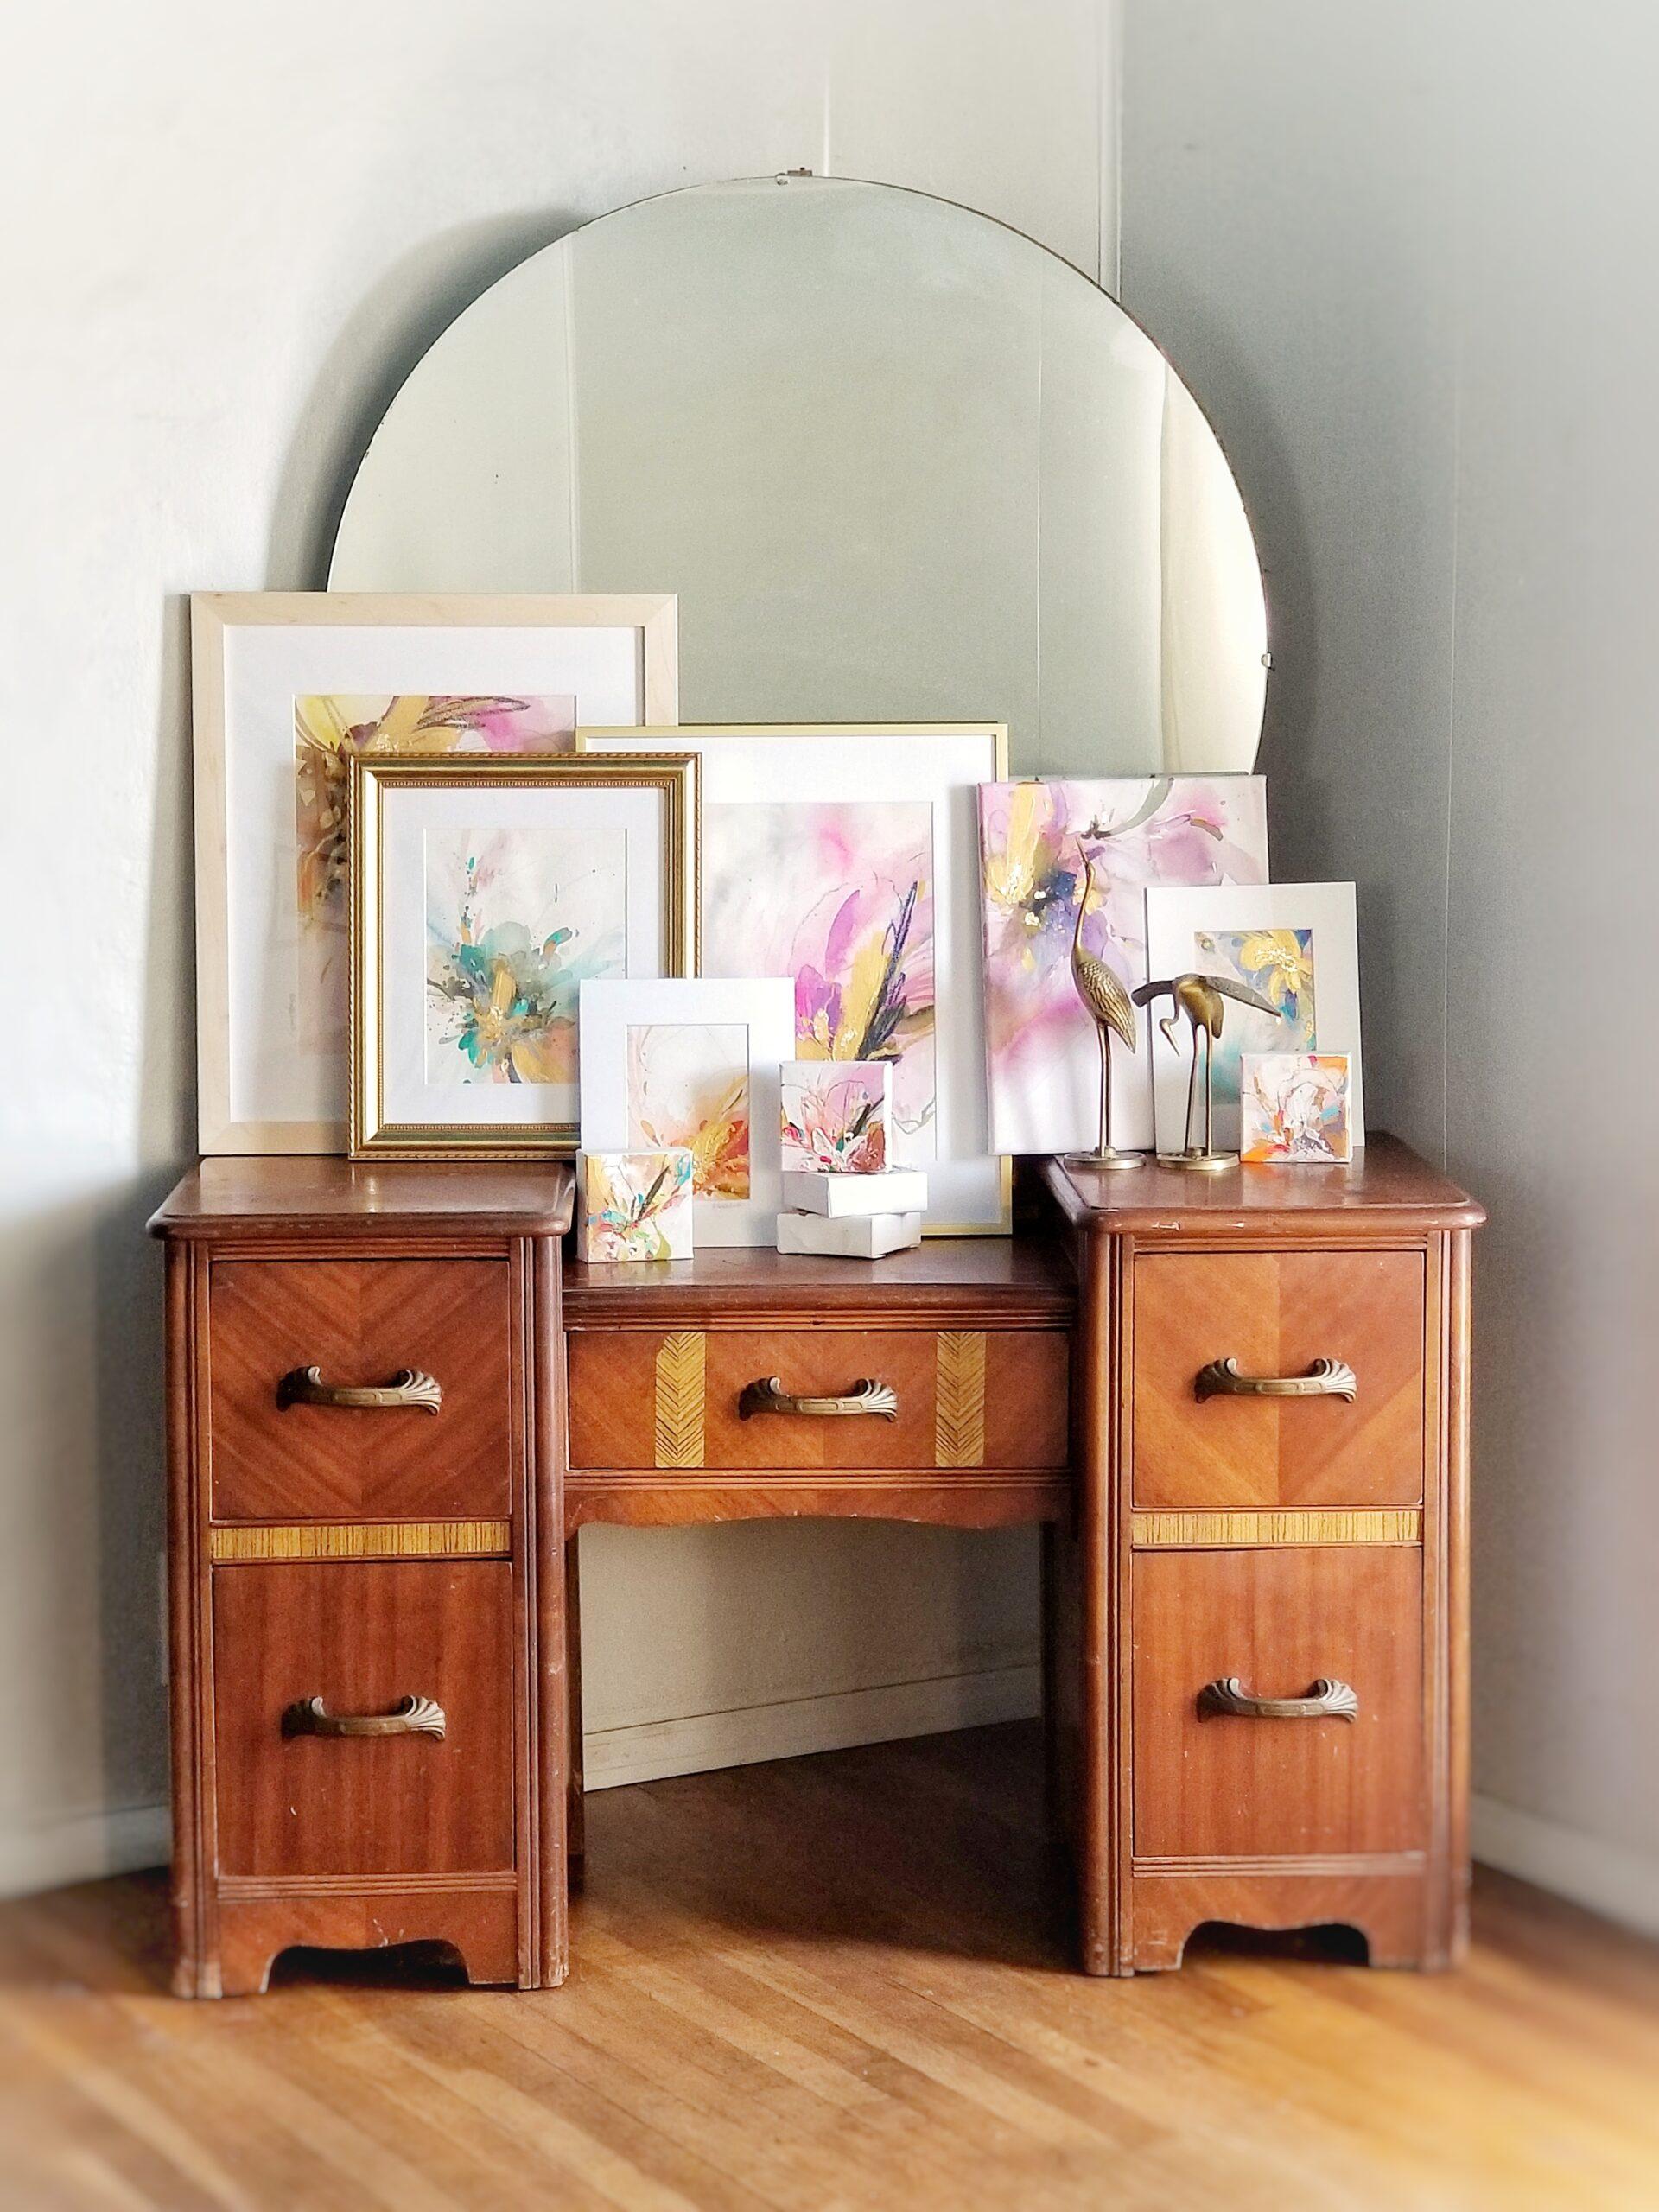 framed display on dresser